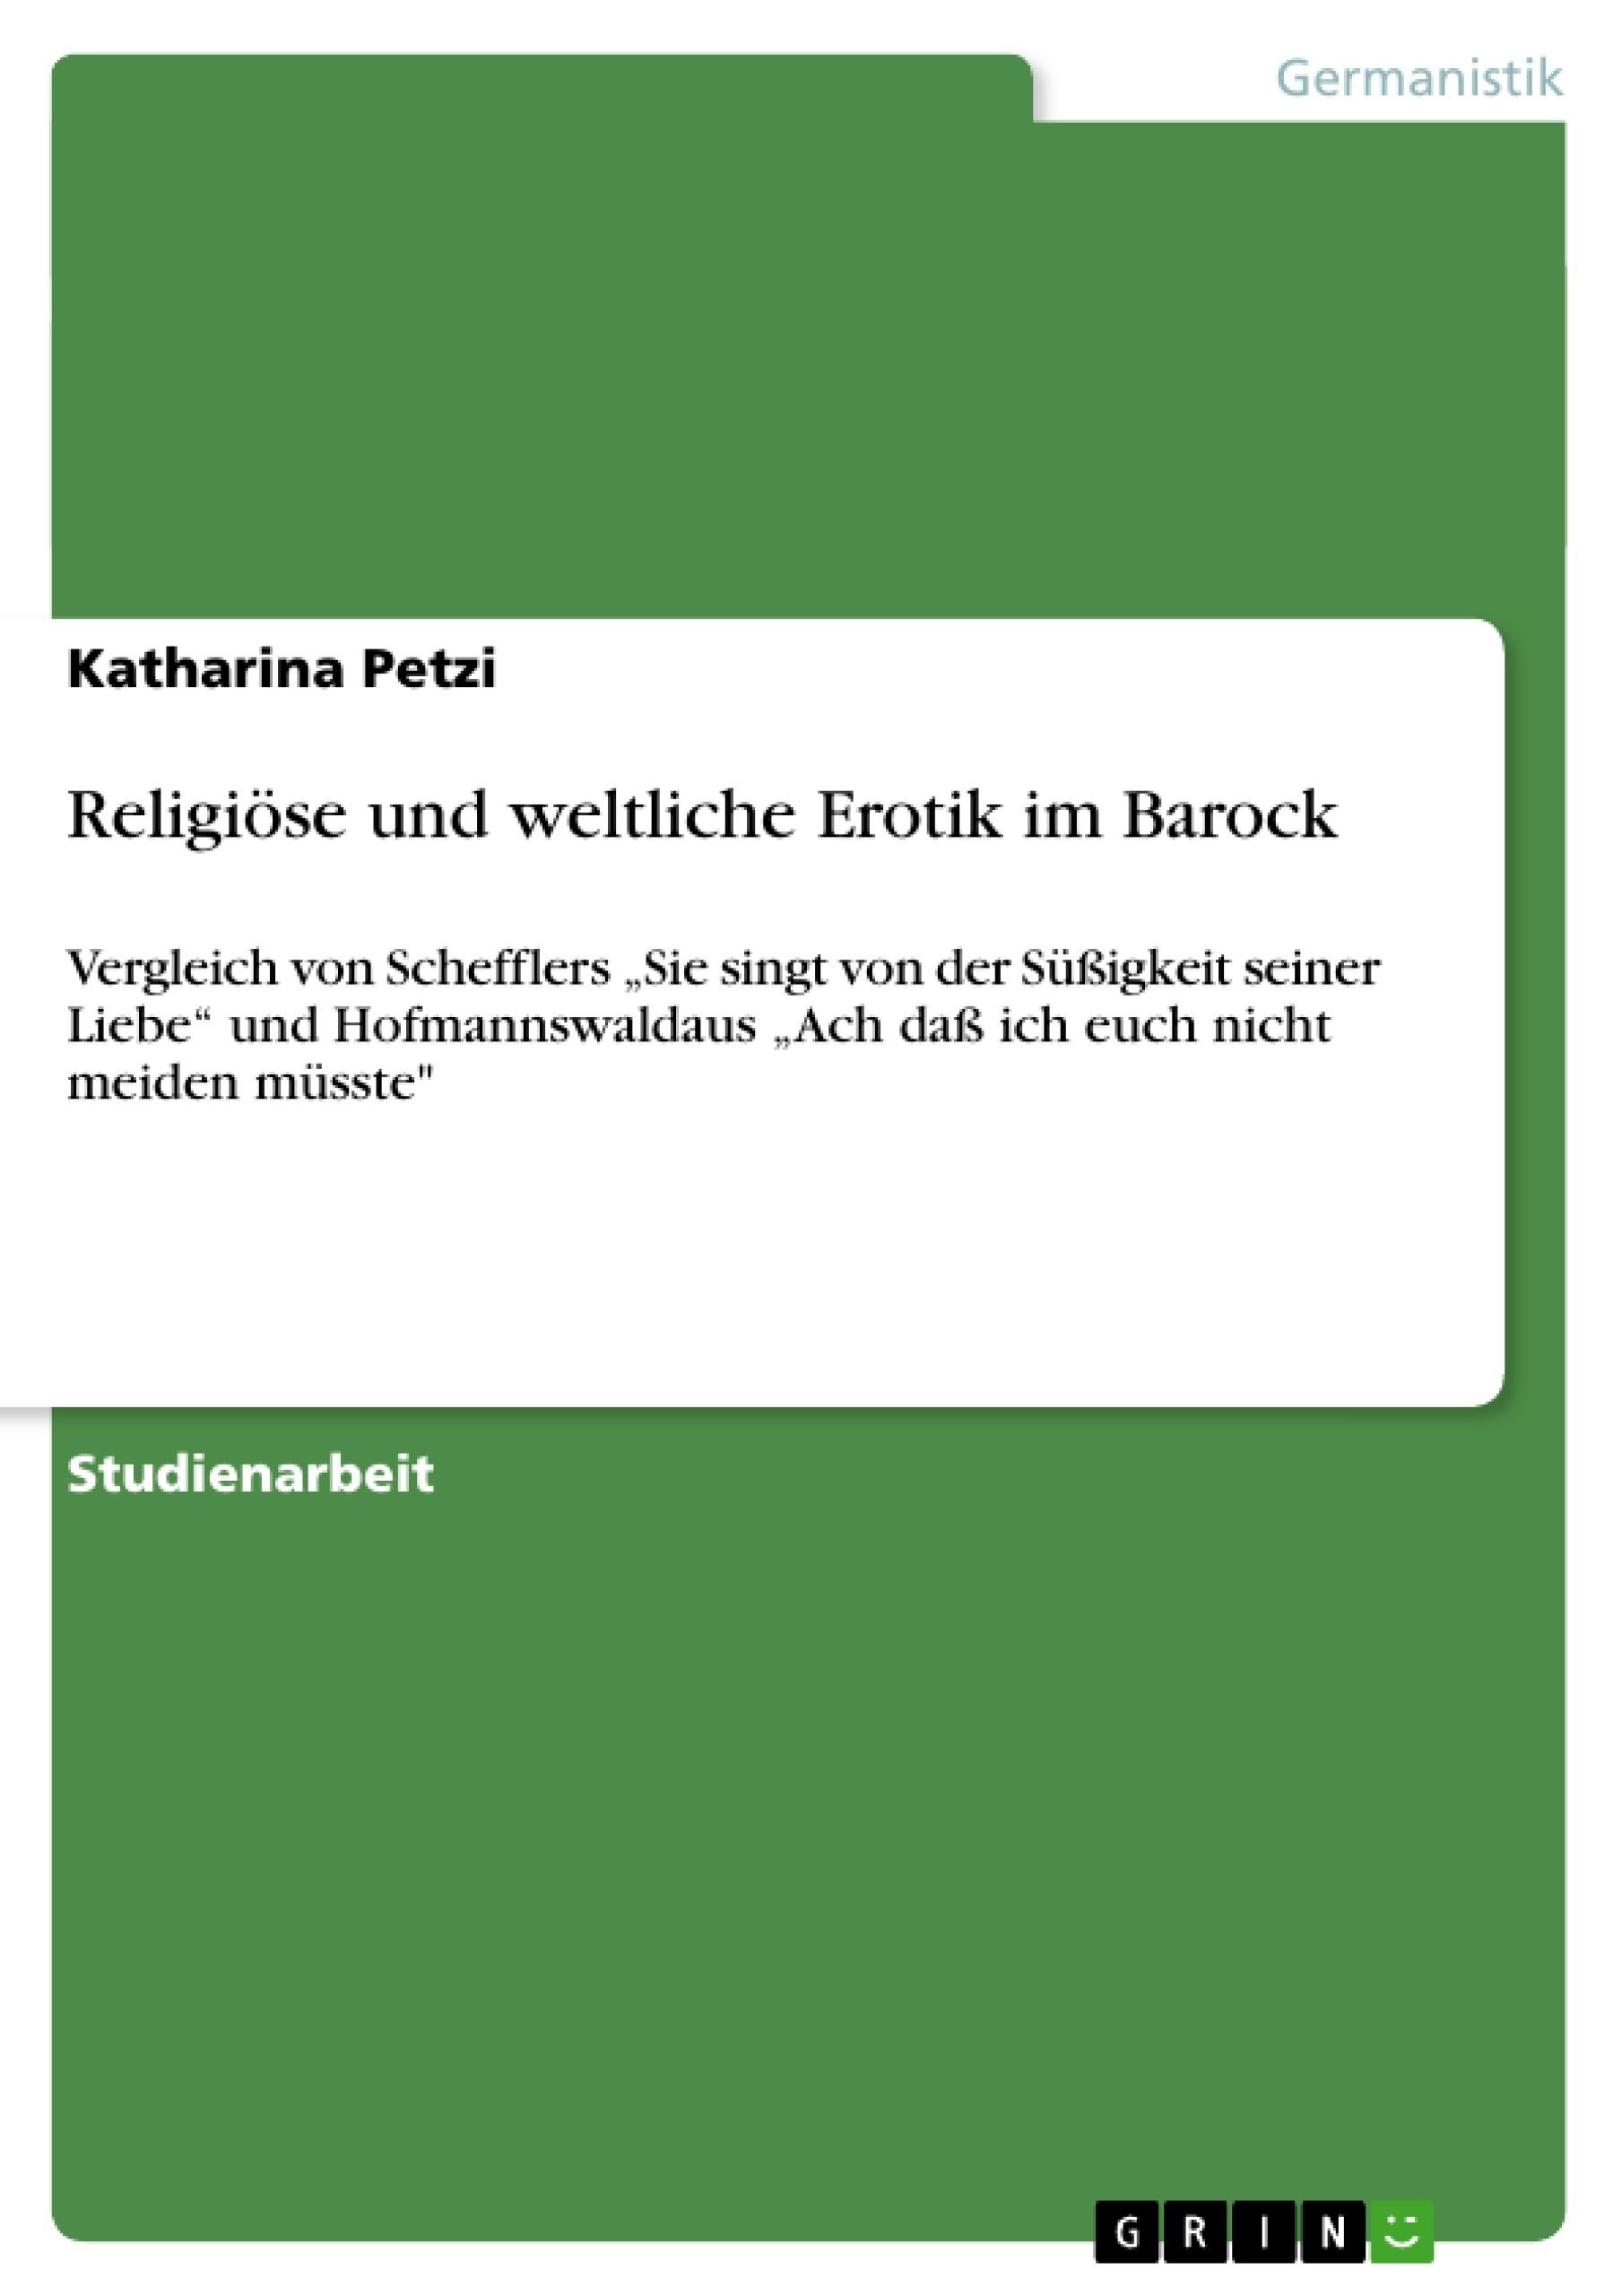 Titel: Religiöse und weltliche Erotik im Barock